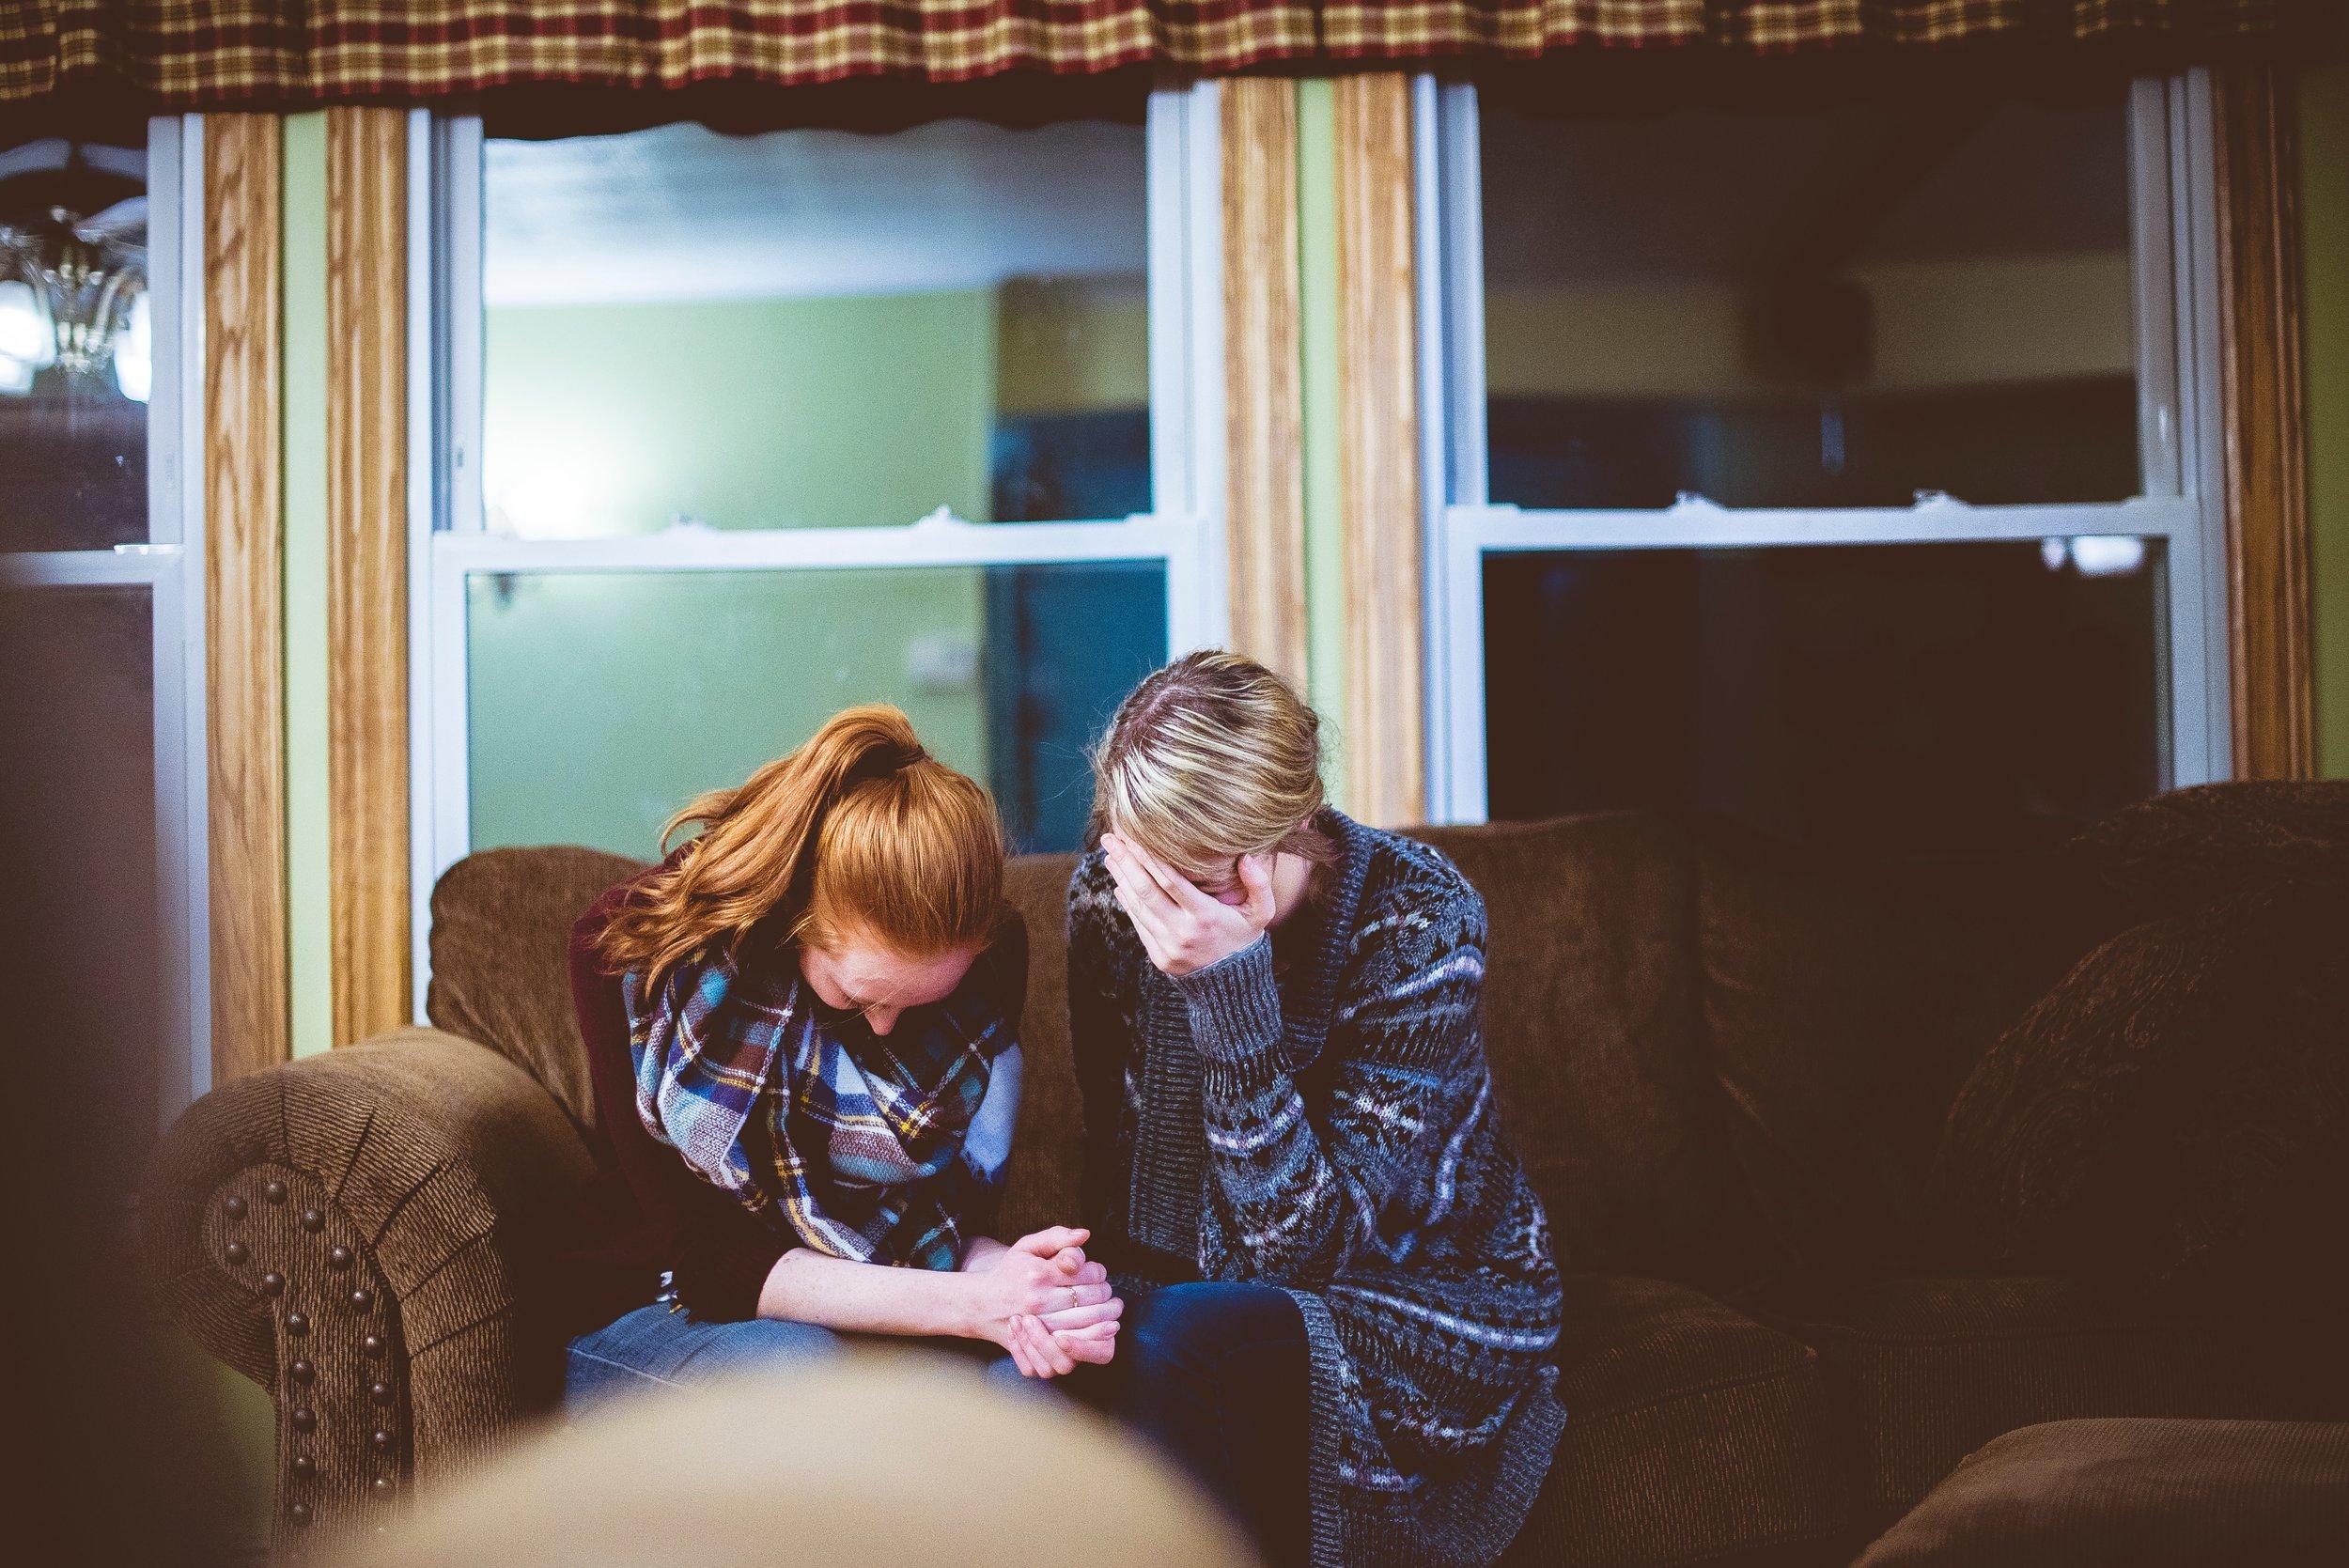 Levensles 1: Doorbreek de stilte en wees nabij | Photo by Ben White on Unsplas